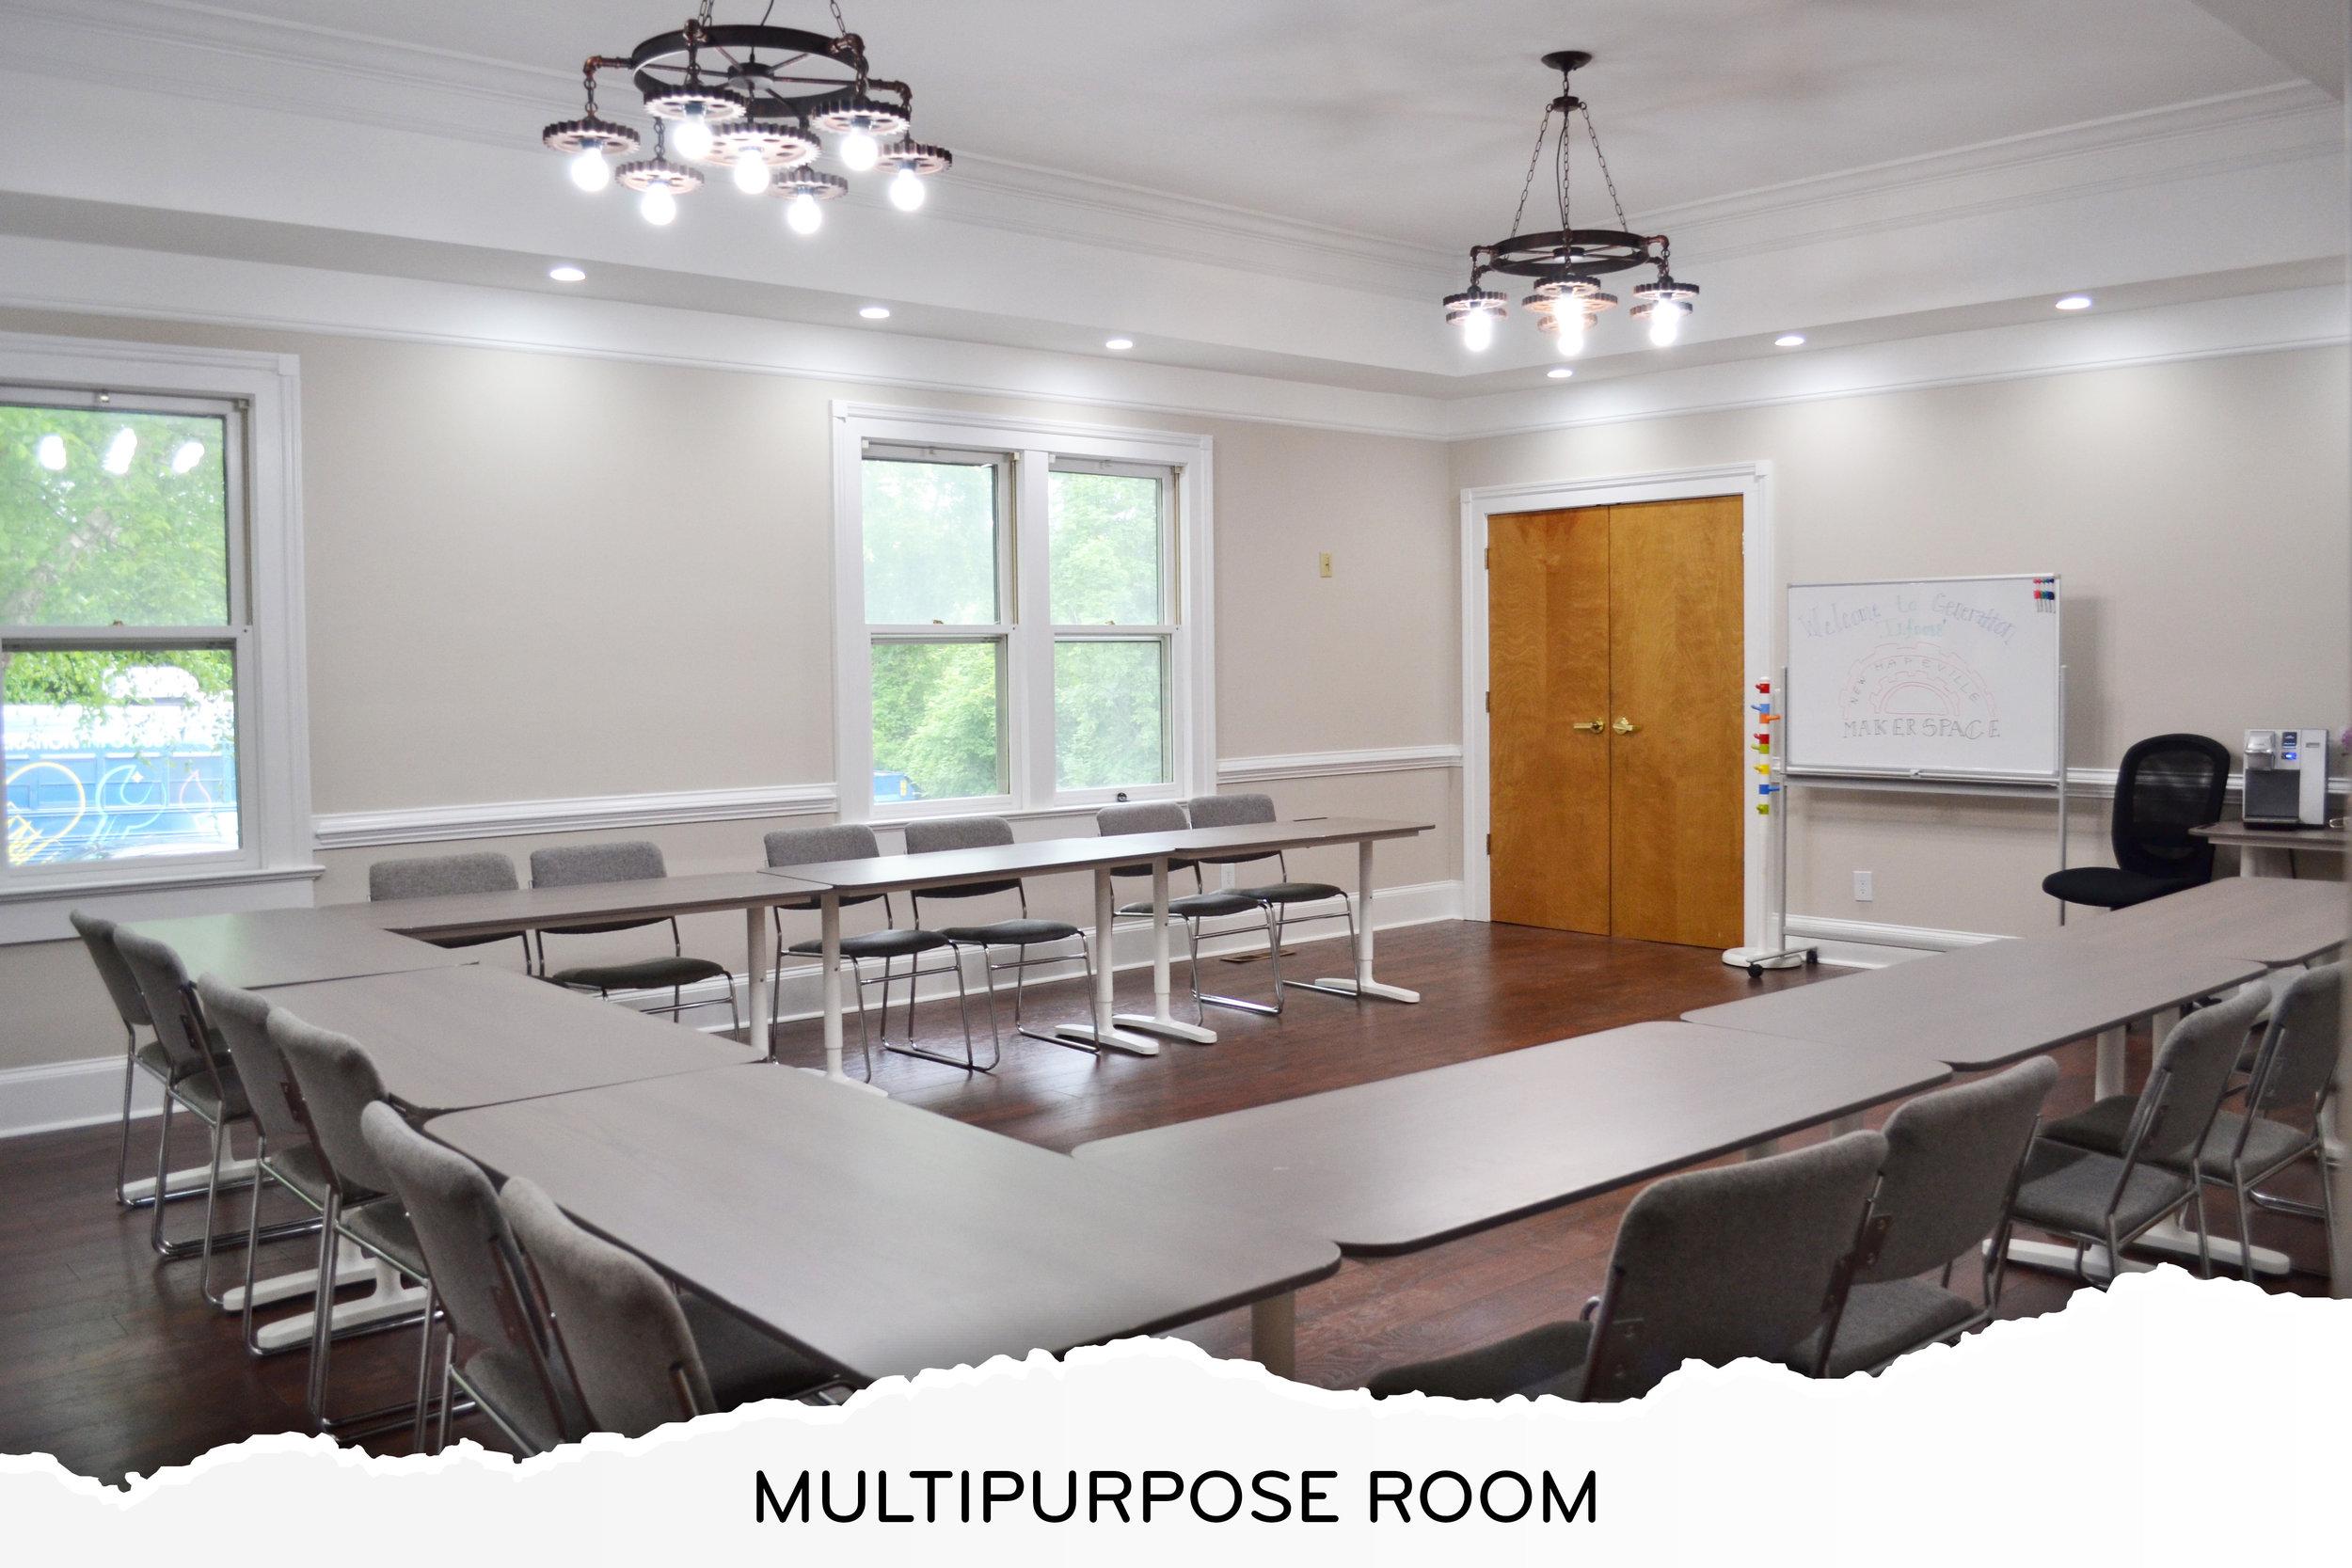 MultipurposeRoom.jpg